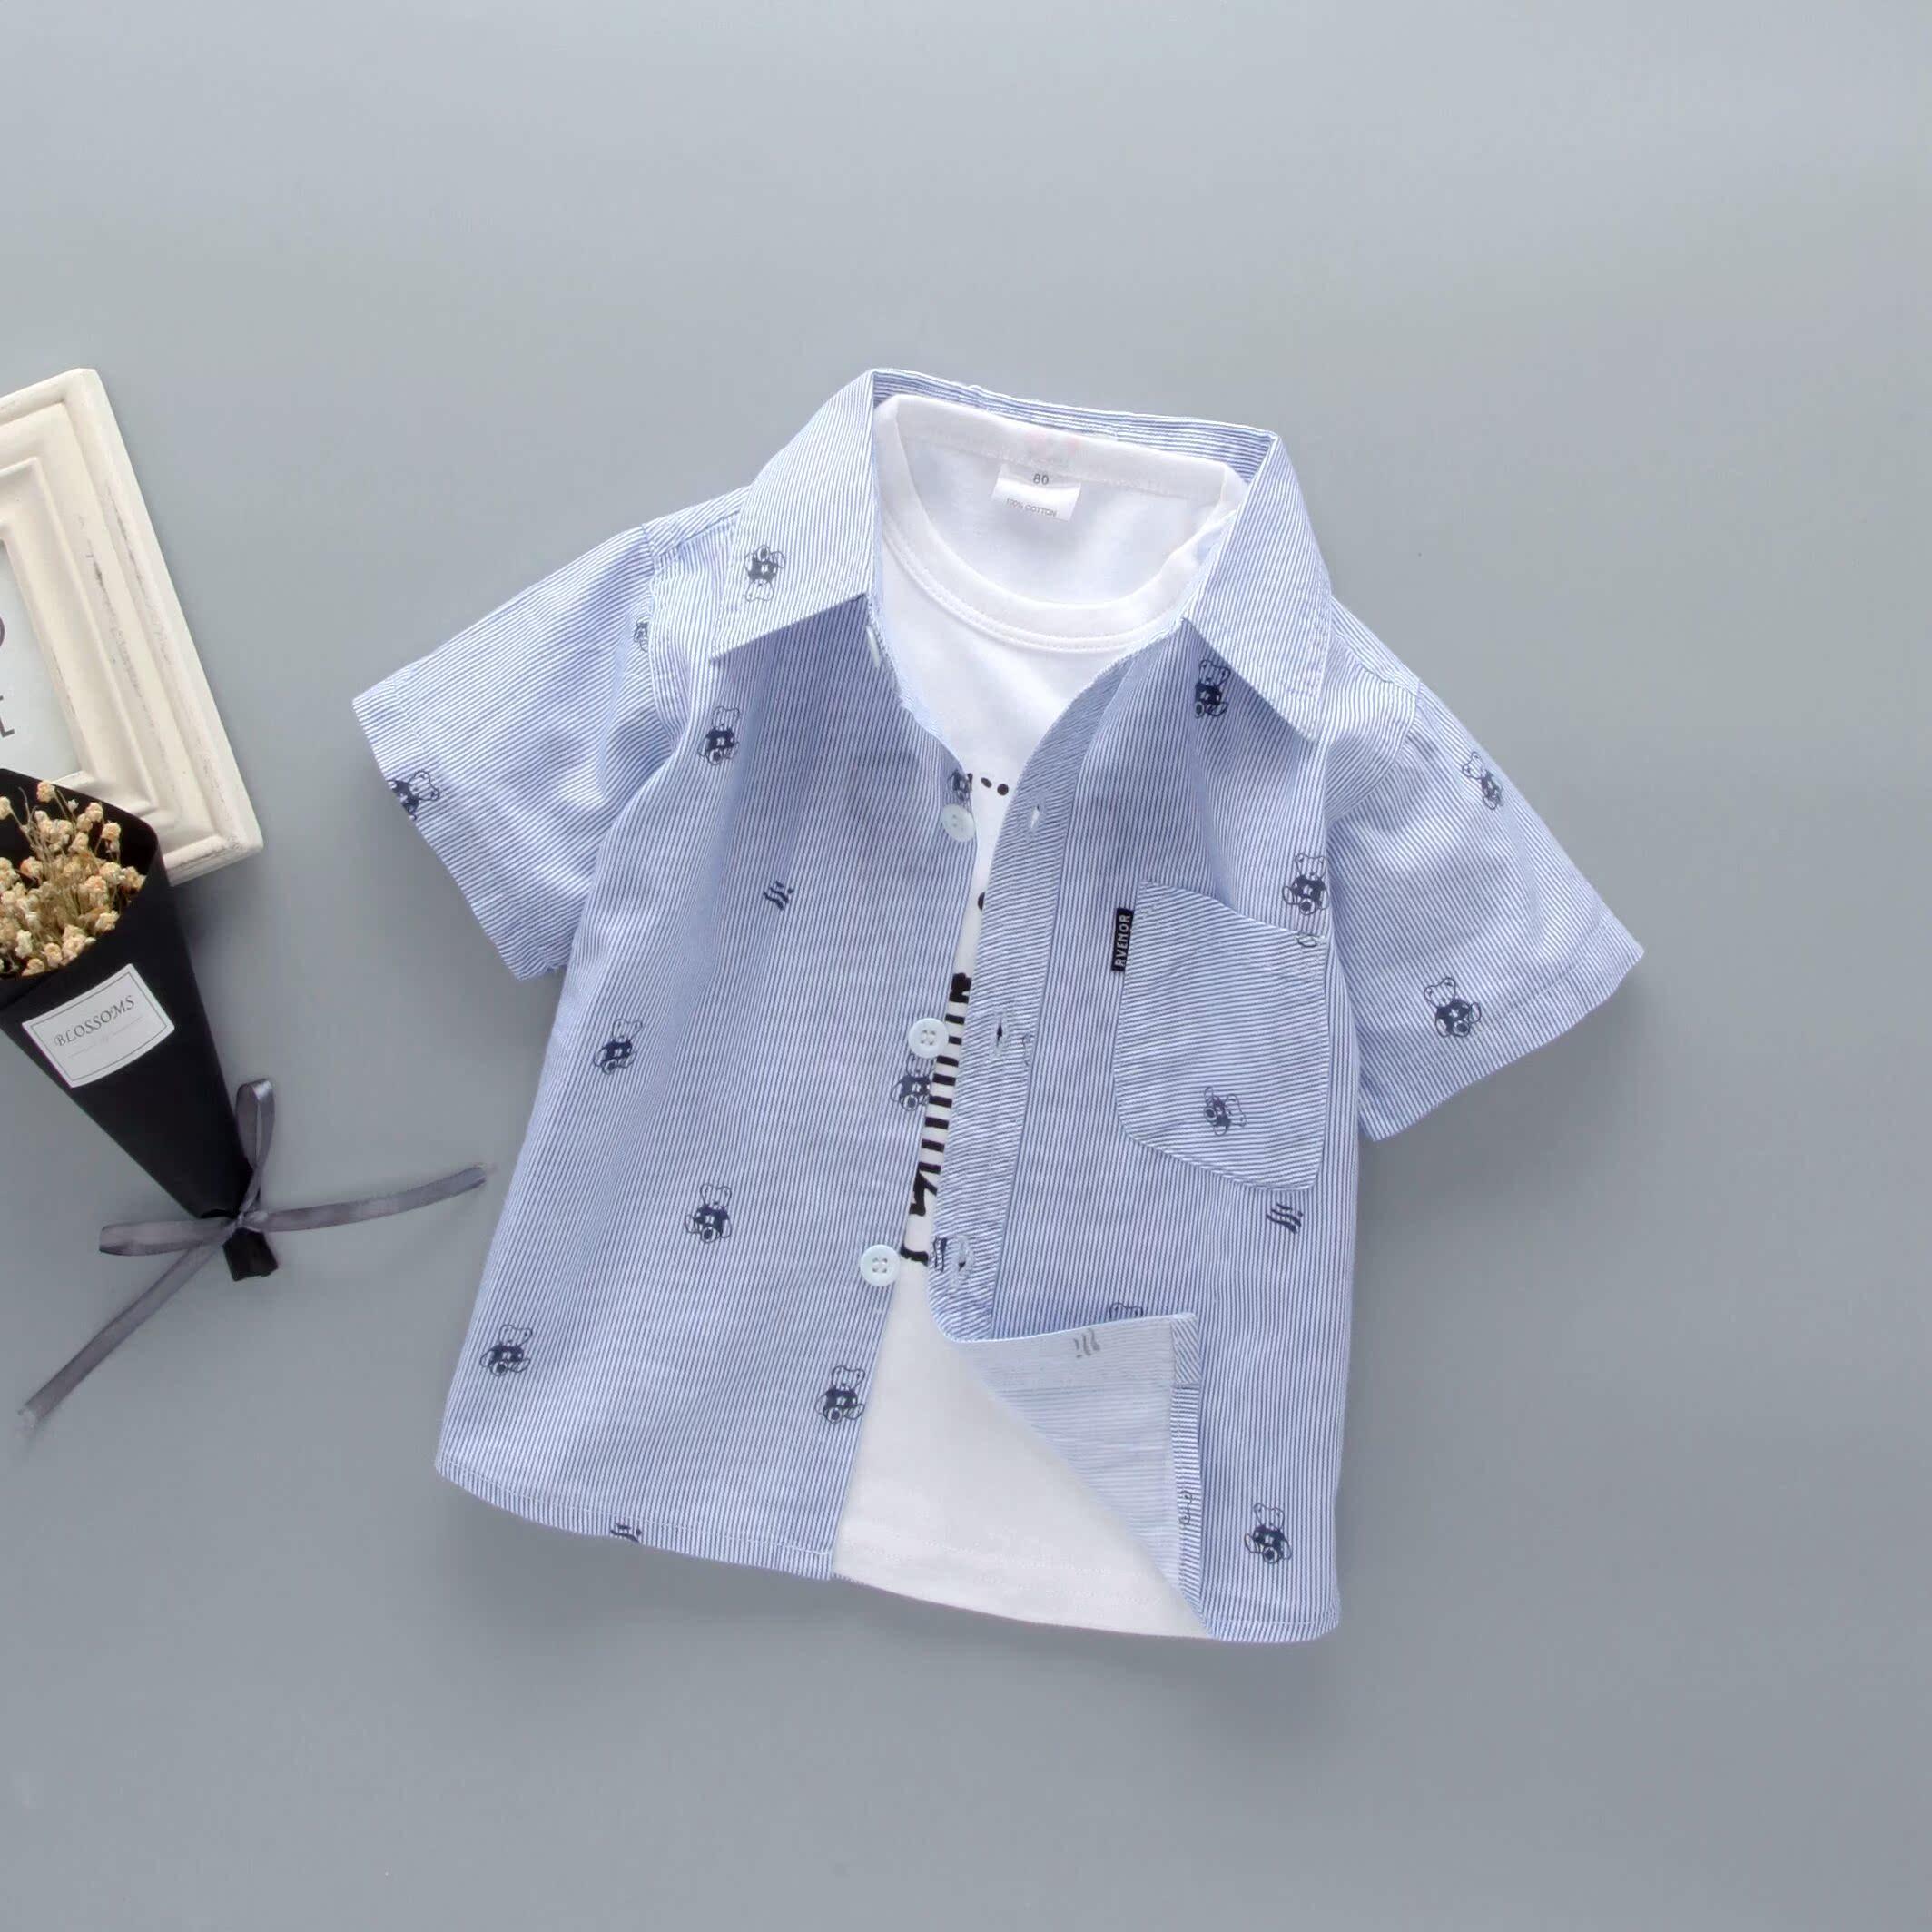 男宝宝短袖衬衫夏装男童薄款小童寸衫0-1-3岁2婴儿童女半袖衬衣潮